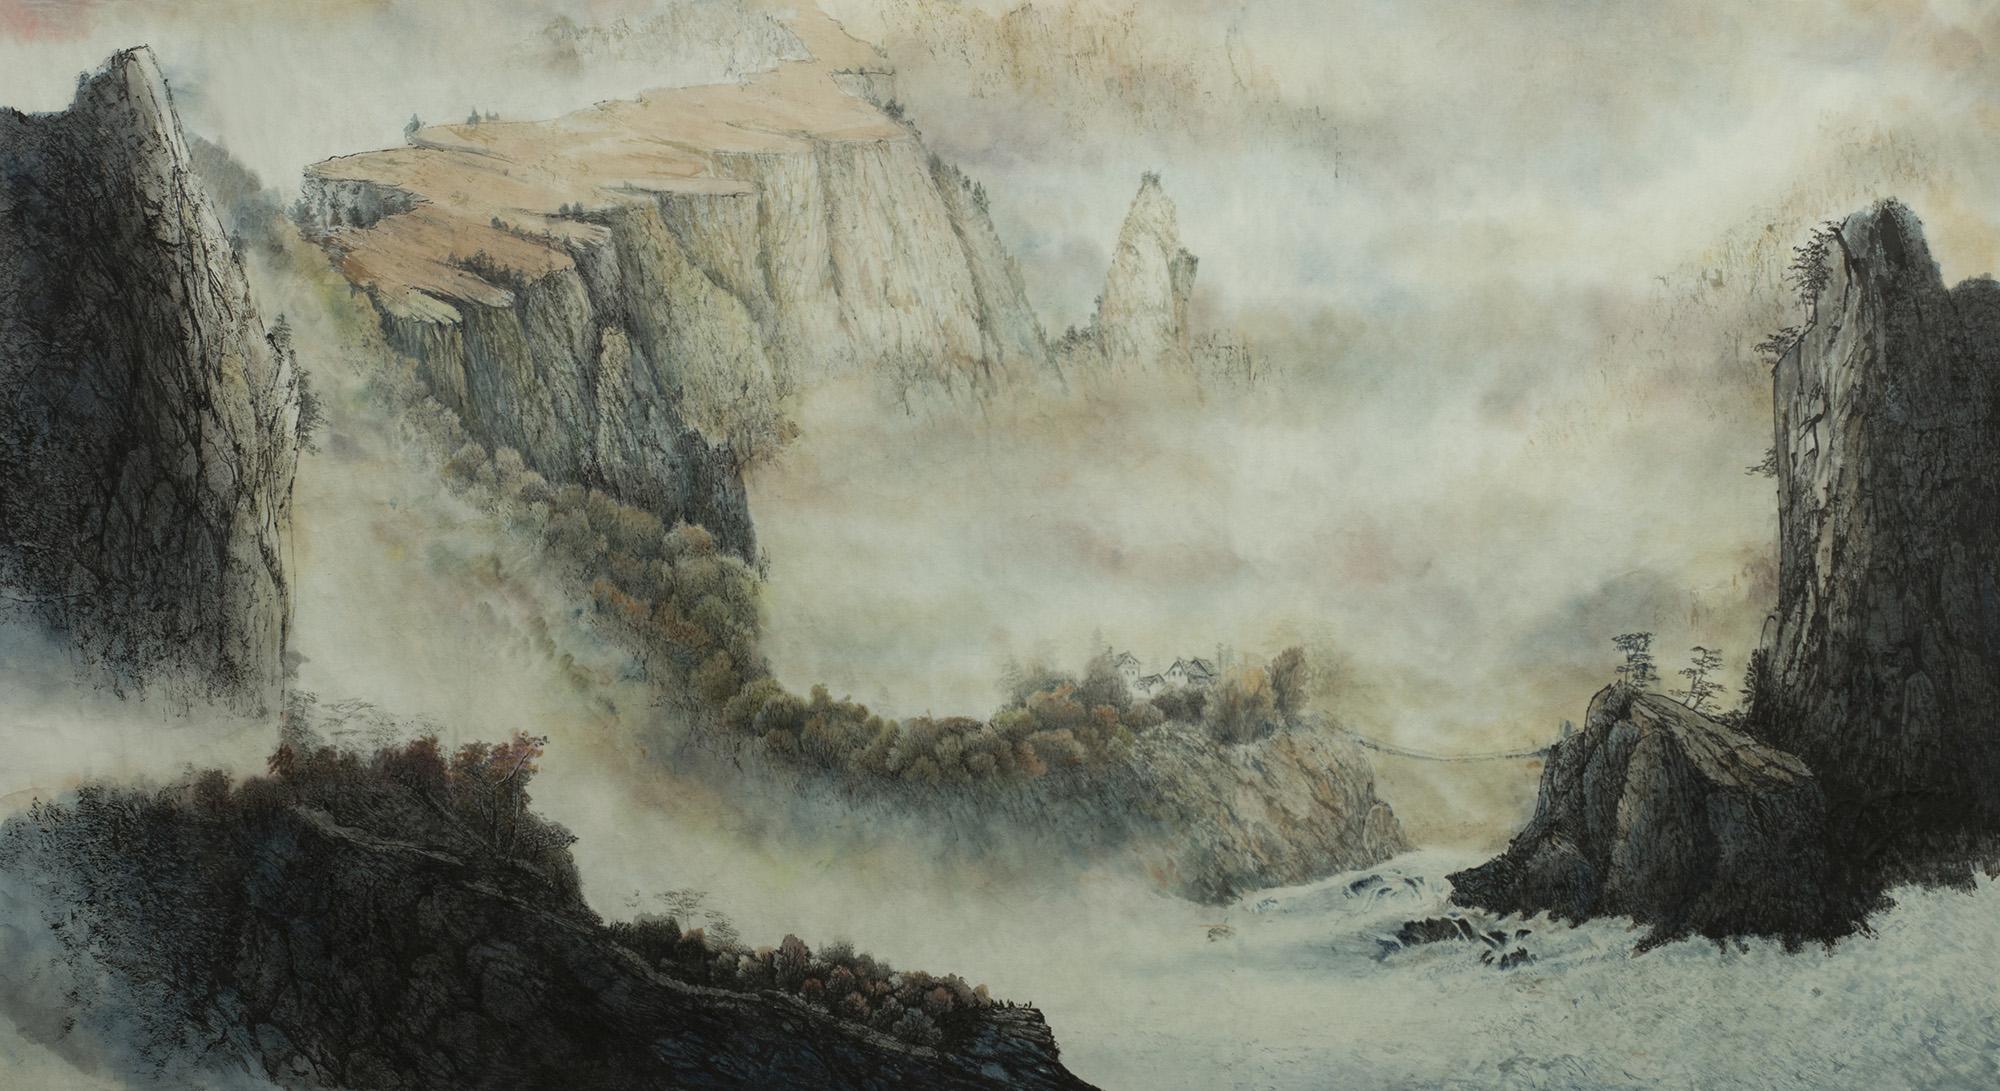 嶺南山水示意圖。古人認為的瘴,產生於濕熱的南方風土之中,像是山林環境中因為某些因素(例如動植物腐敗等)而產生的致病毒氣。 圖片來源│iStock